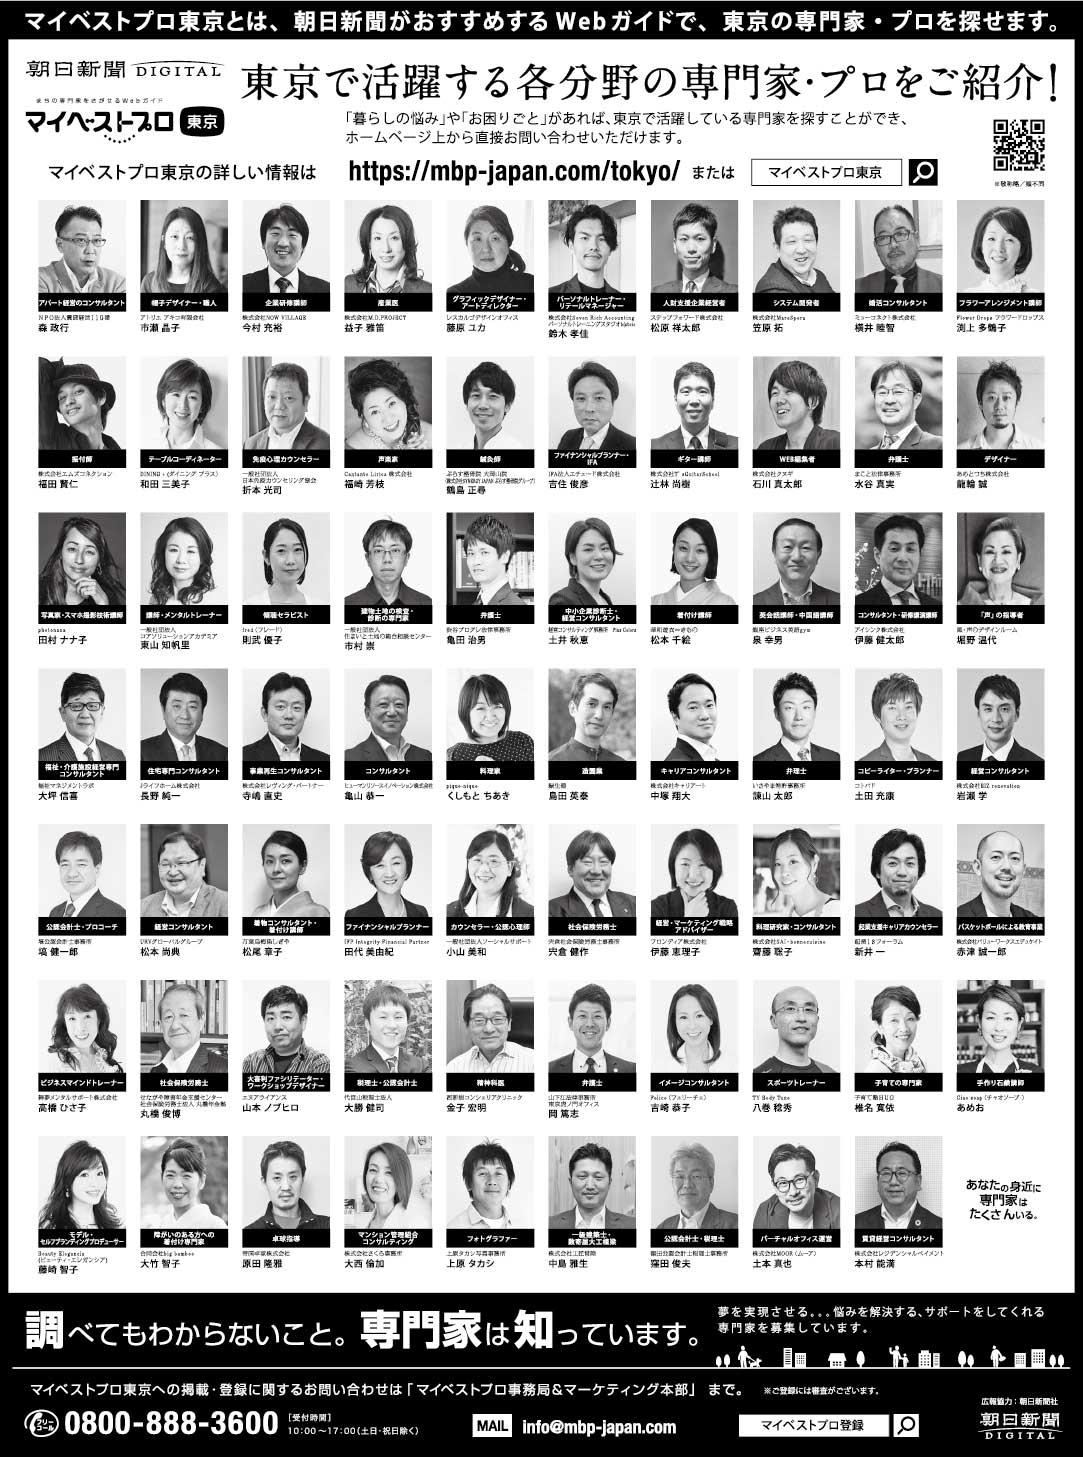 マイベストプロ東京の朝日新聞全面広告